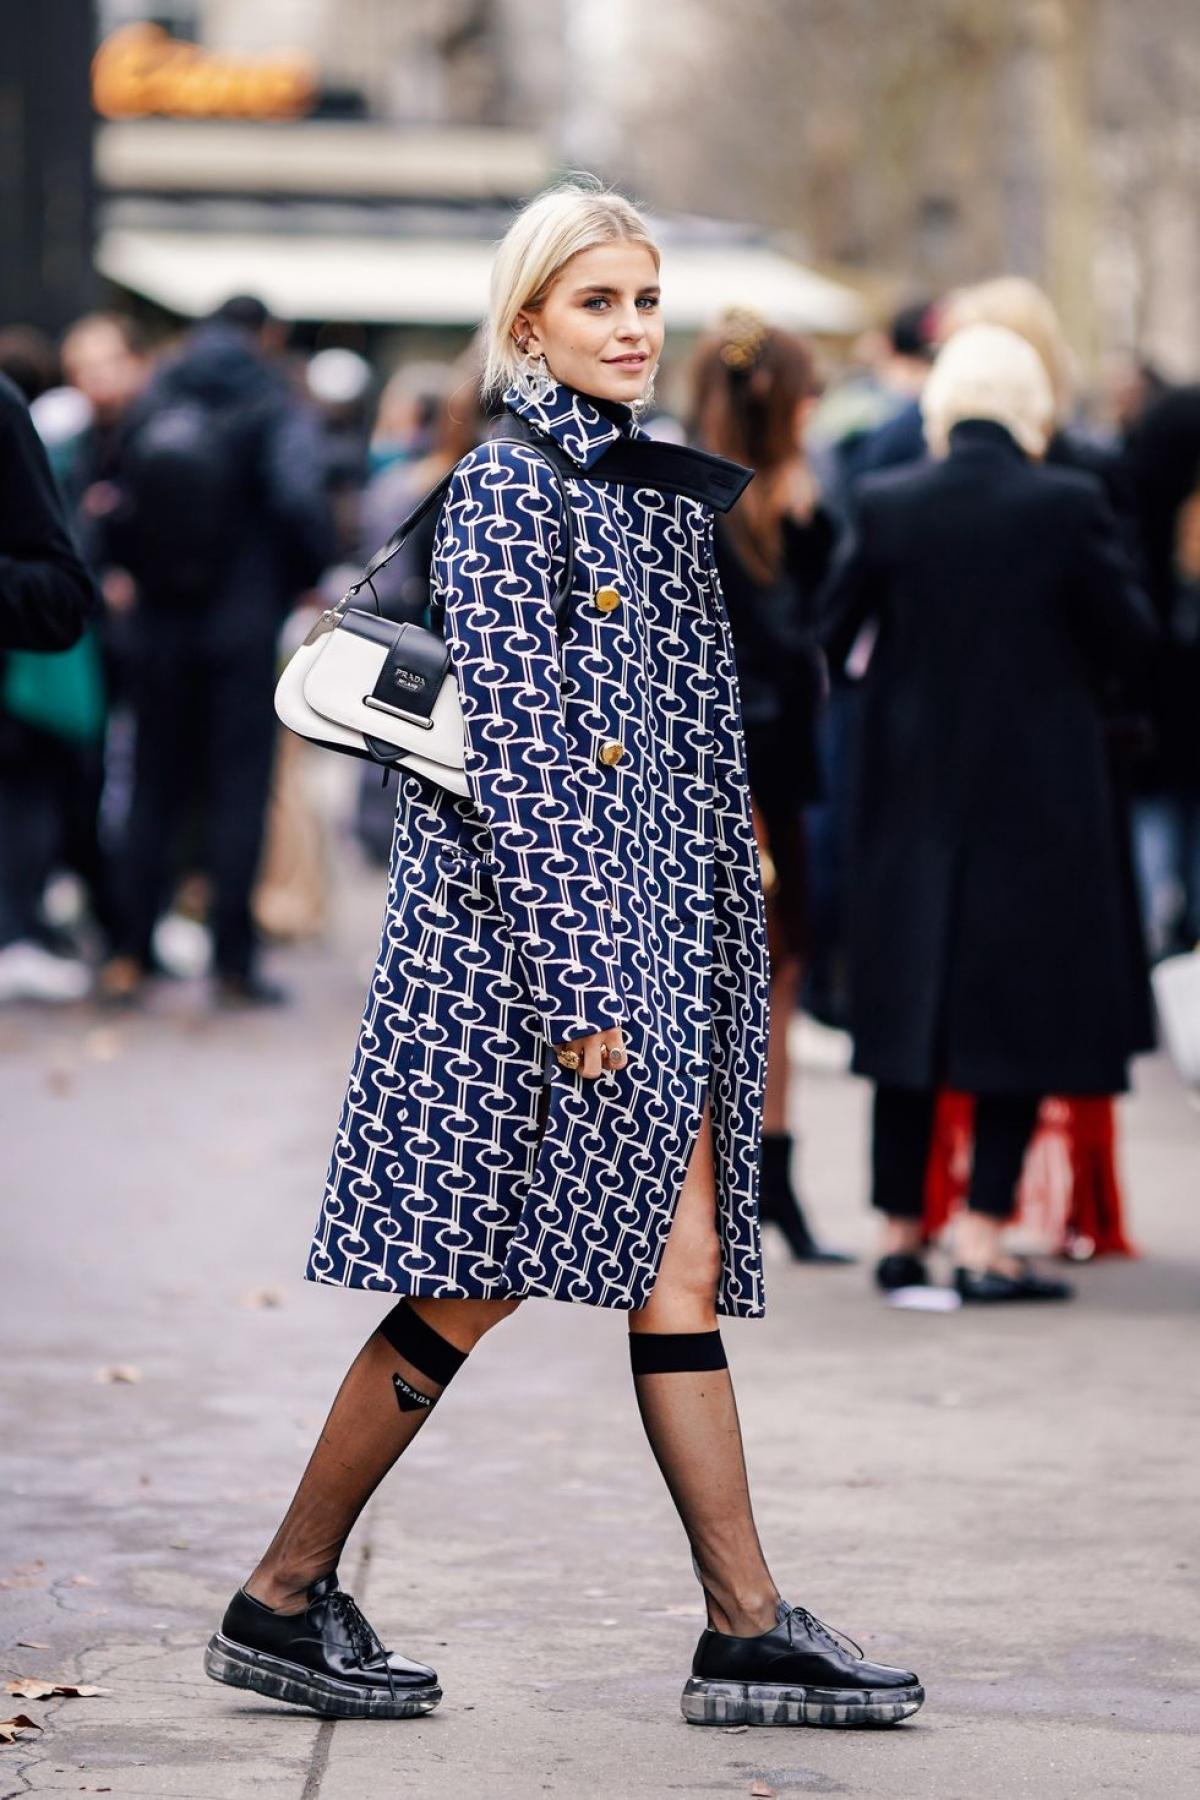 Tất đến đầu gối: Hình ảnh những cô nữ sinh trung học năm 90 mang tất gối là tạo hình nổi tiếng bởi Cher trong Clueless.Các thương hiệu thời trang cao cấp như Prada đã tạo ra một phiên bản mới, cập nhật xu hướng hiện đại.